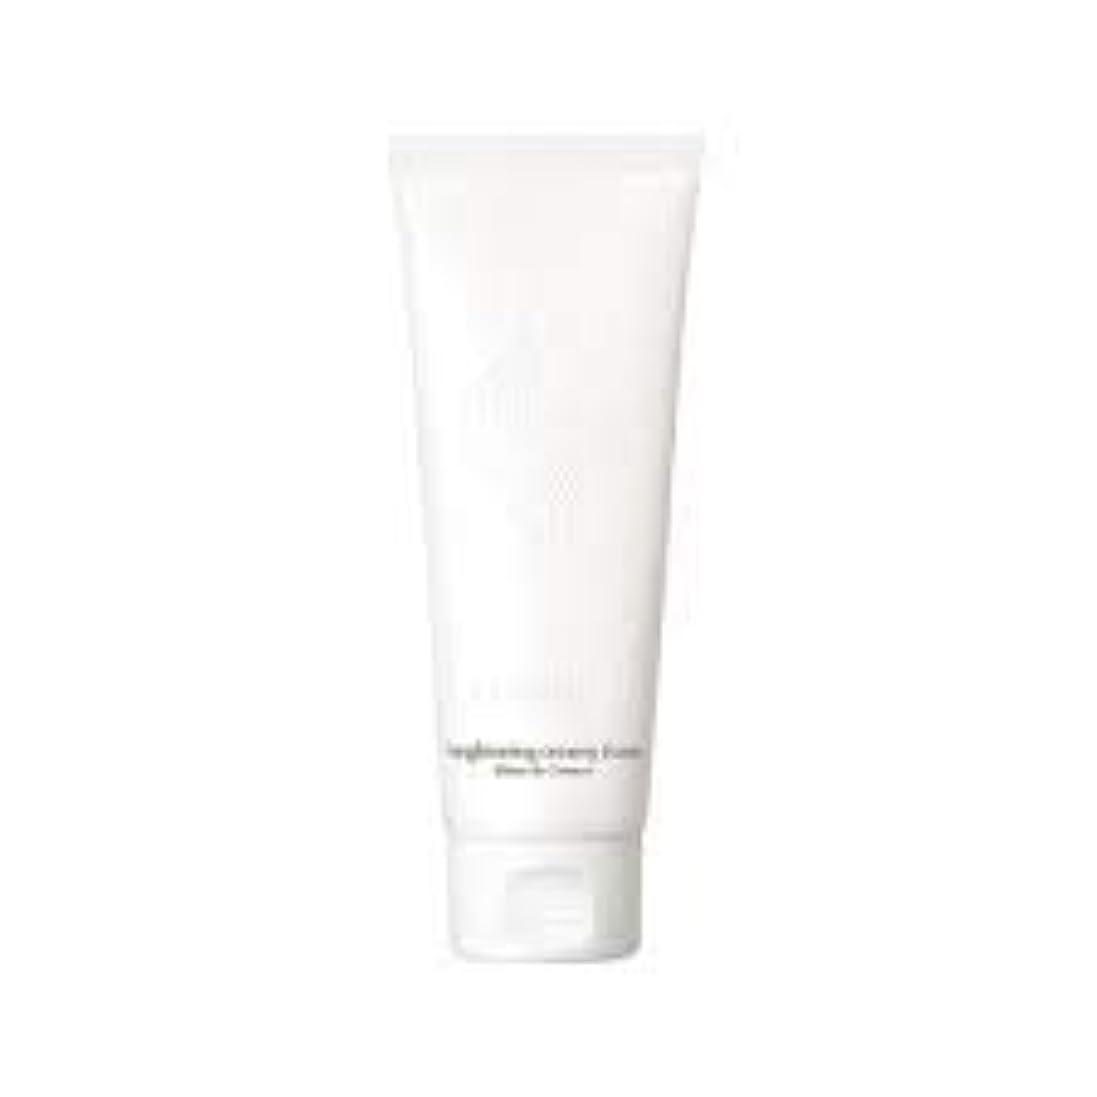 CREMORLAB 120mlに鮮やかな白色のクリーム状の泡をCremor - ほこりや不純物を除去し、そして鈍い除去を助けるために。